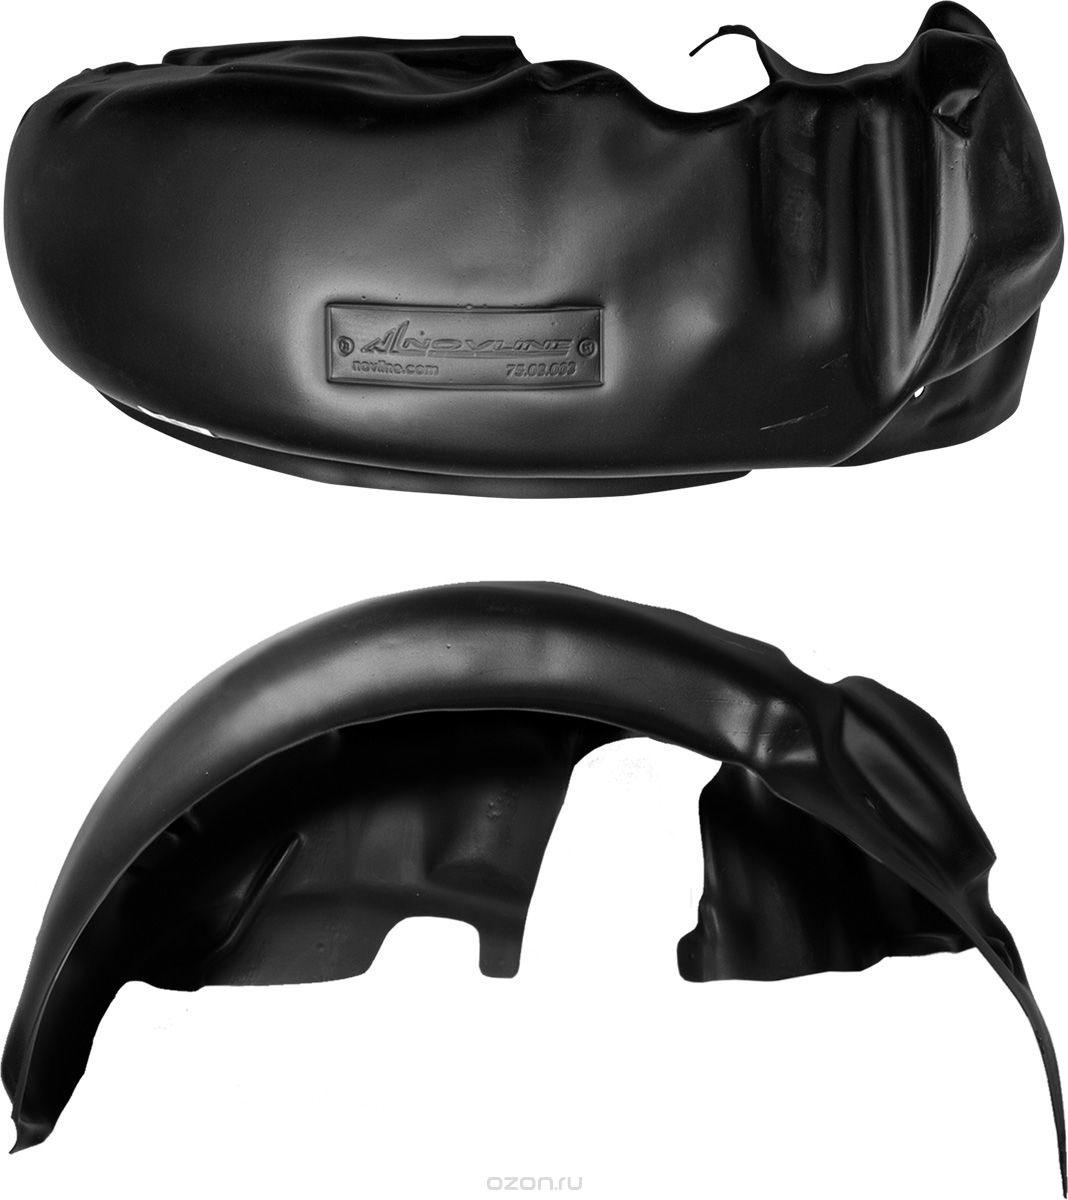 Подкрылок Novline-Autofamily, для TOYOTA Yaris 01/2006-2013, задний левыйIRK-503Идеальная защита колесной ниши. Локеры разработаны с применением цифровых технологий, гарантируют максимальную повторяемость поверхности арки. Изделия устанавливаются без нарушения лакокрасочного покрытия автомобиля, каждый подкрылок комплектуется крепежом. Уважаемые клиенты, обращаем ваше внимание, что фотографии на подкрылки универсальные и не отражают реальную форму изделия. При этом само изделие идет точно под размер указанного автомобиля.